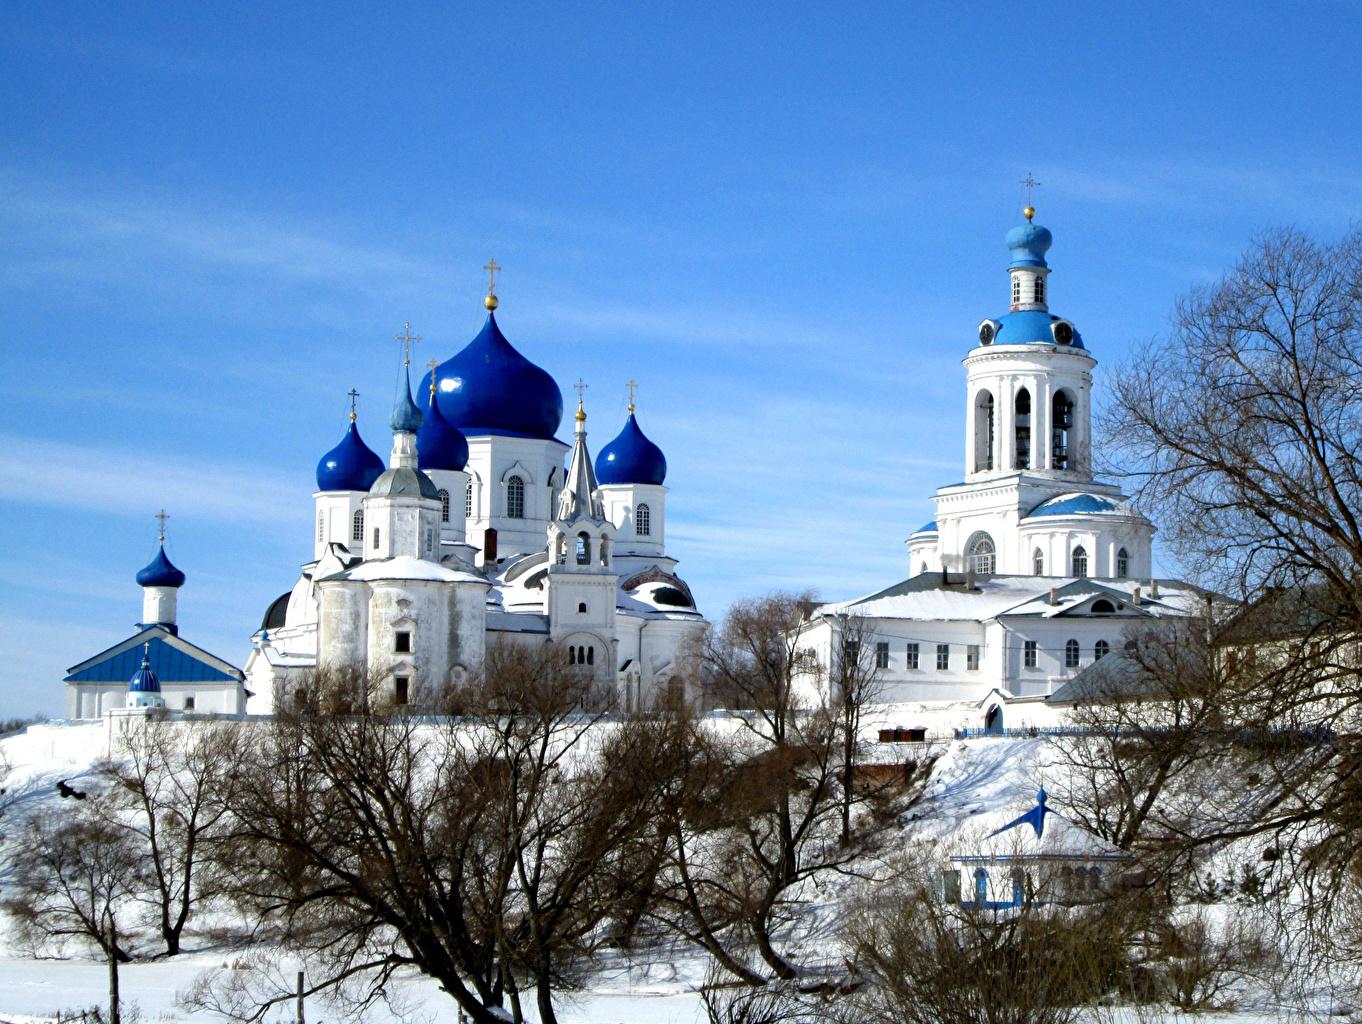 Фотографии Монастырь Россия Bogolyubsky convent Suzdal зимние Храмы Города Зима